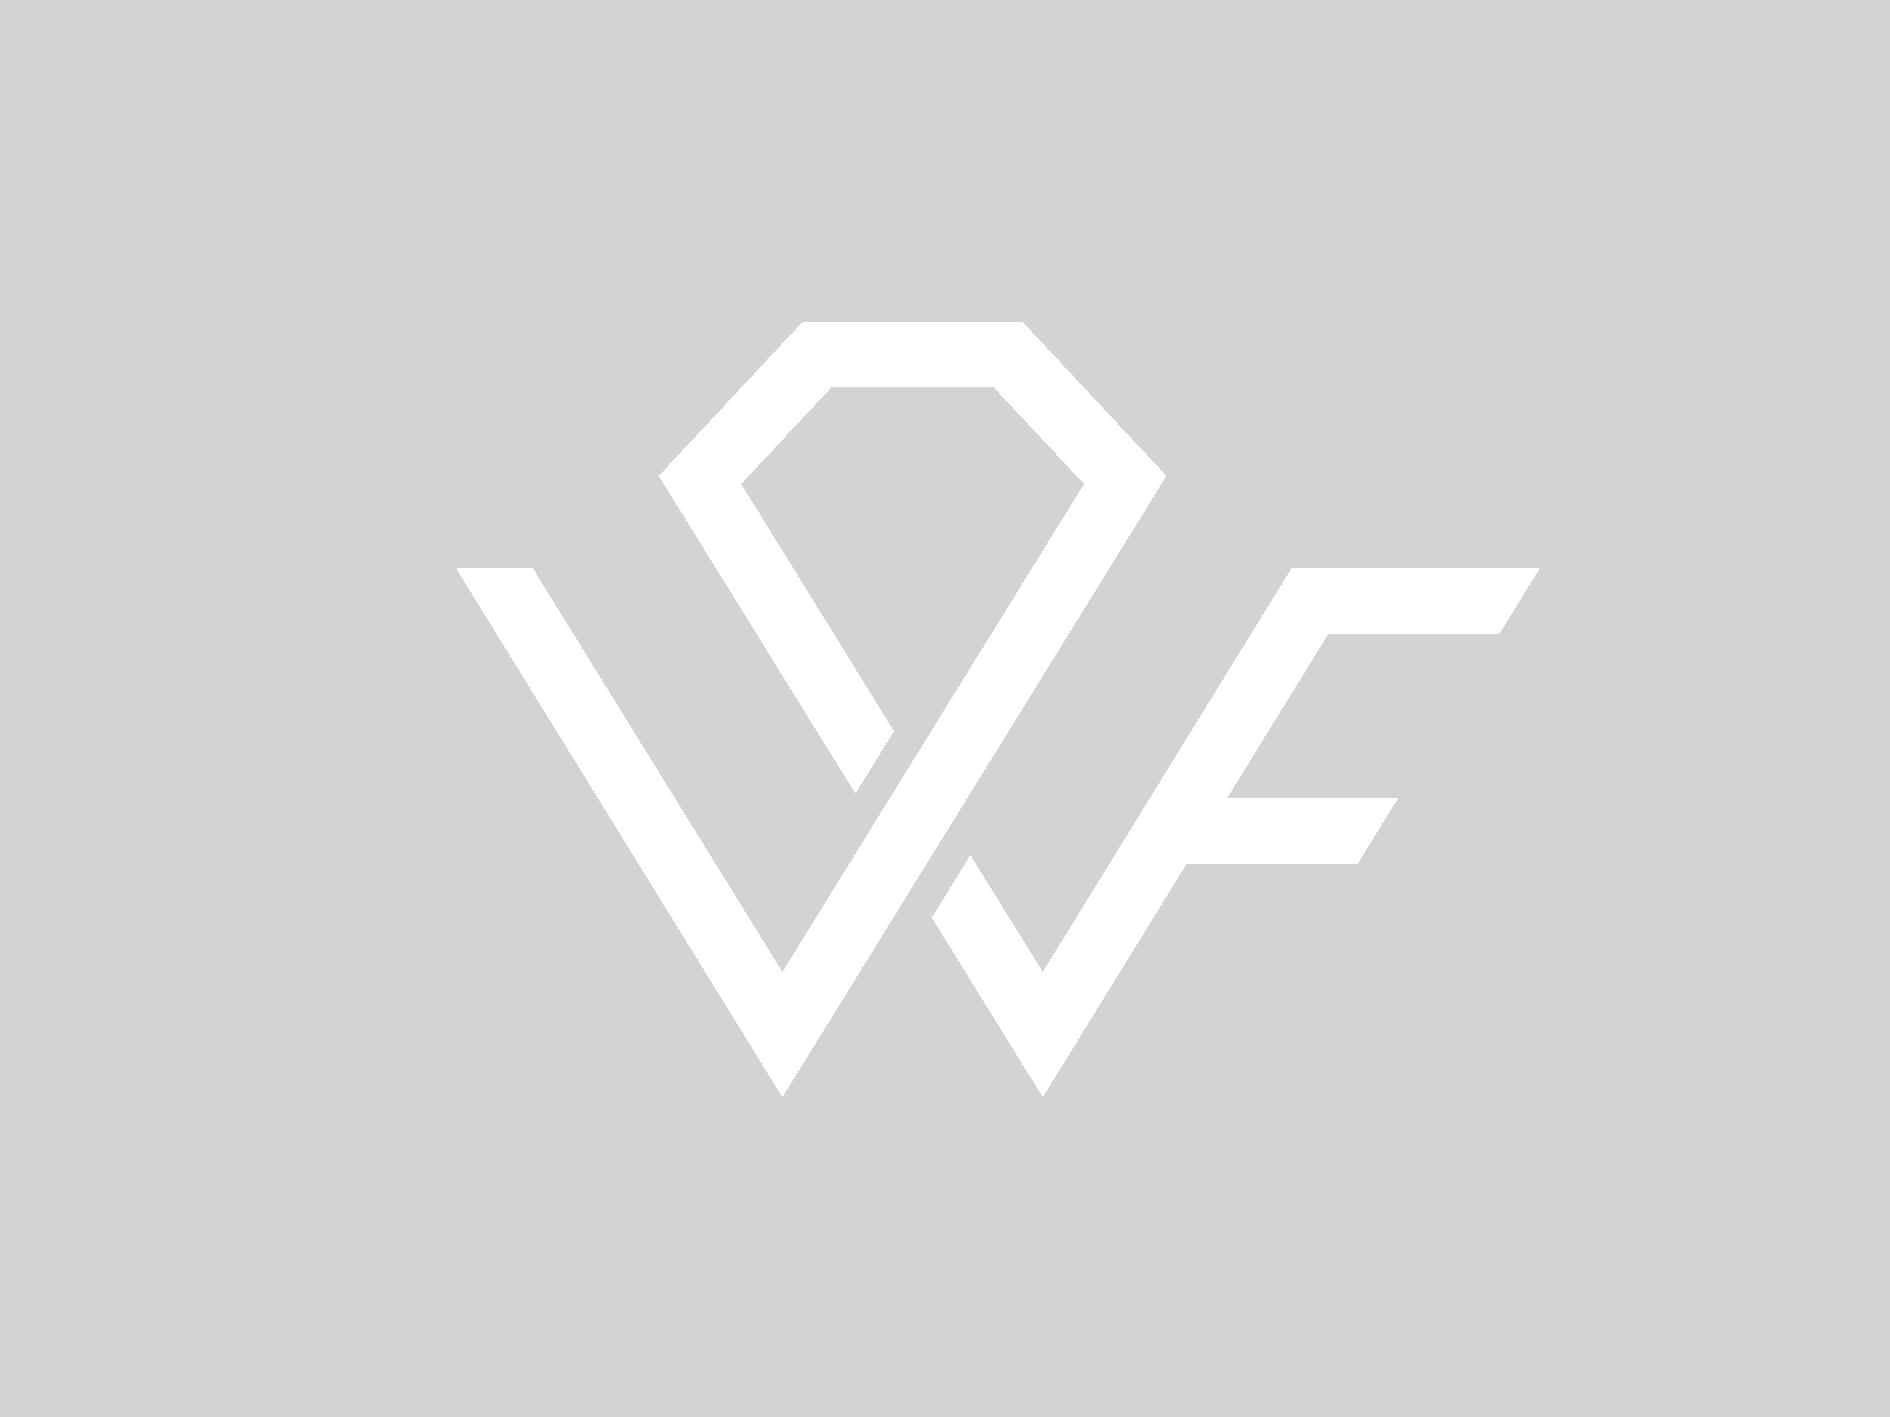 vimeo grey white